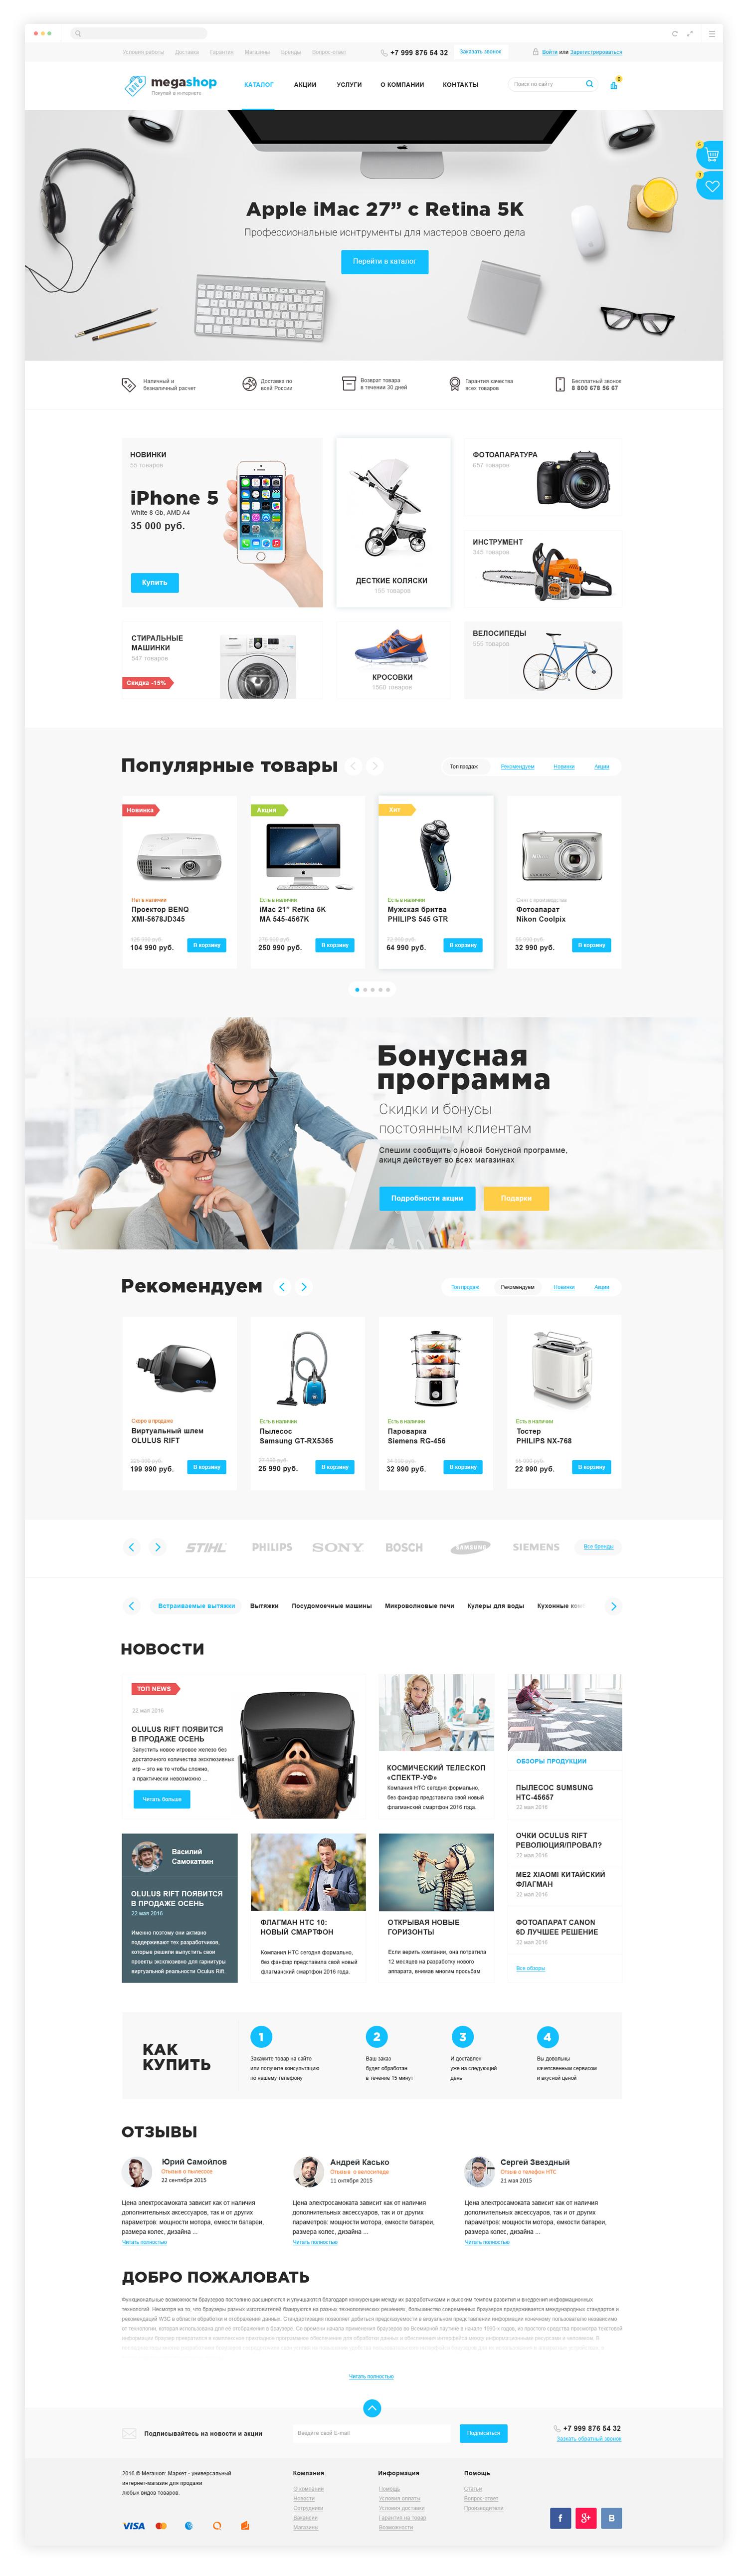 Интернет-магазин «Megashop» http://megashop.joul.ru/faq/